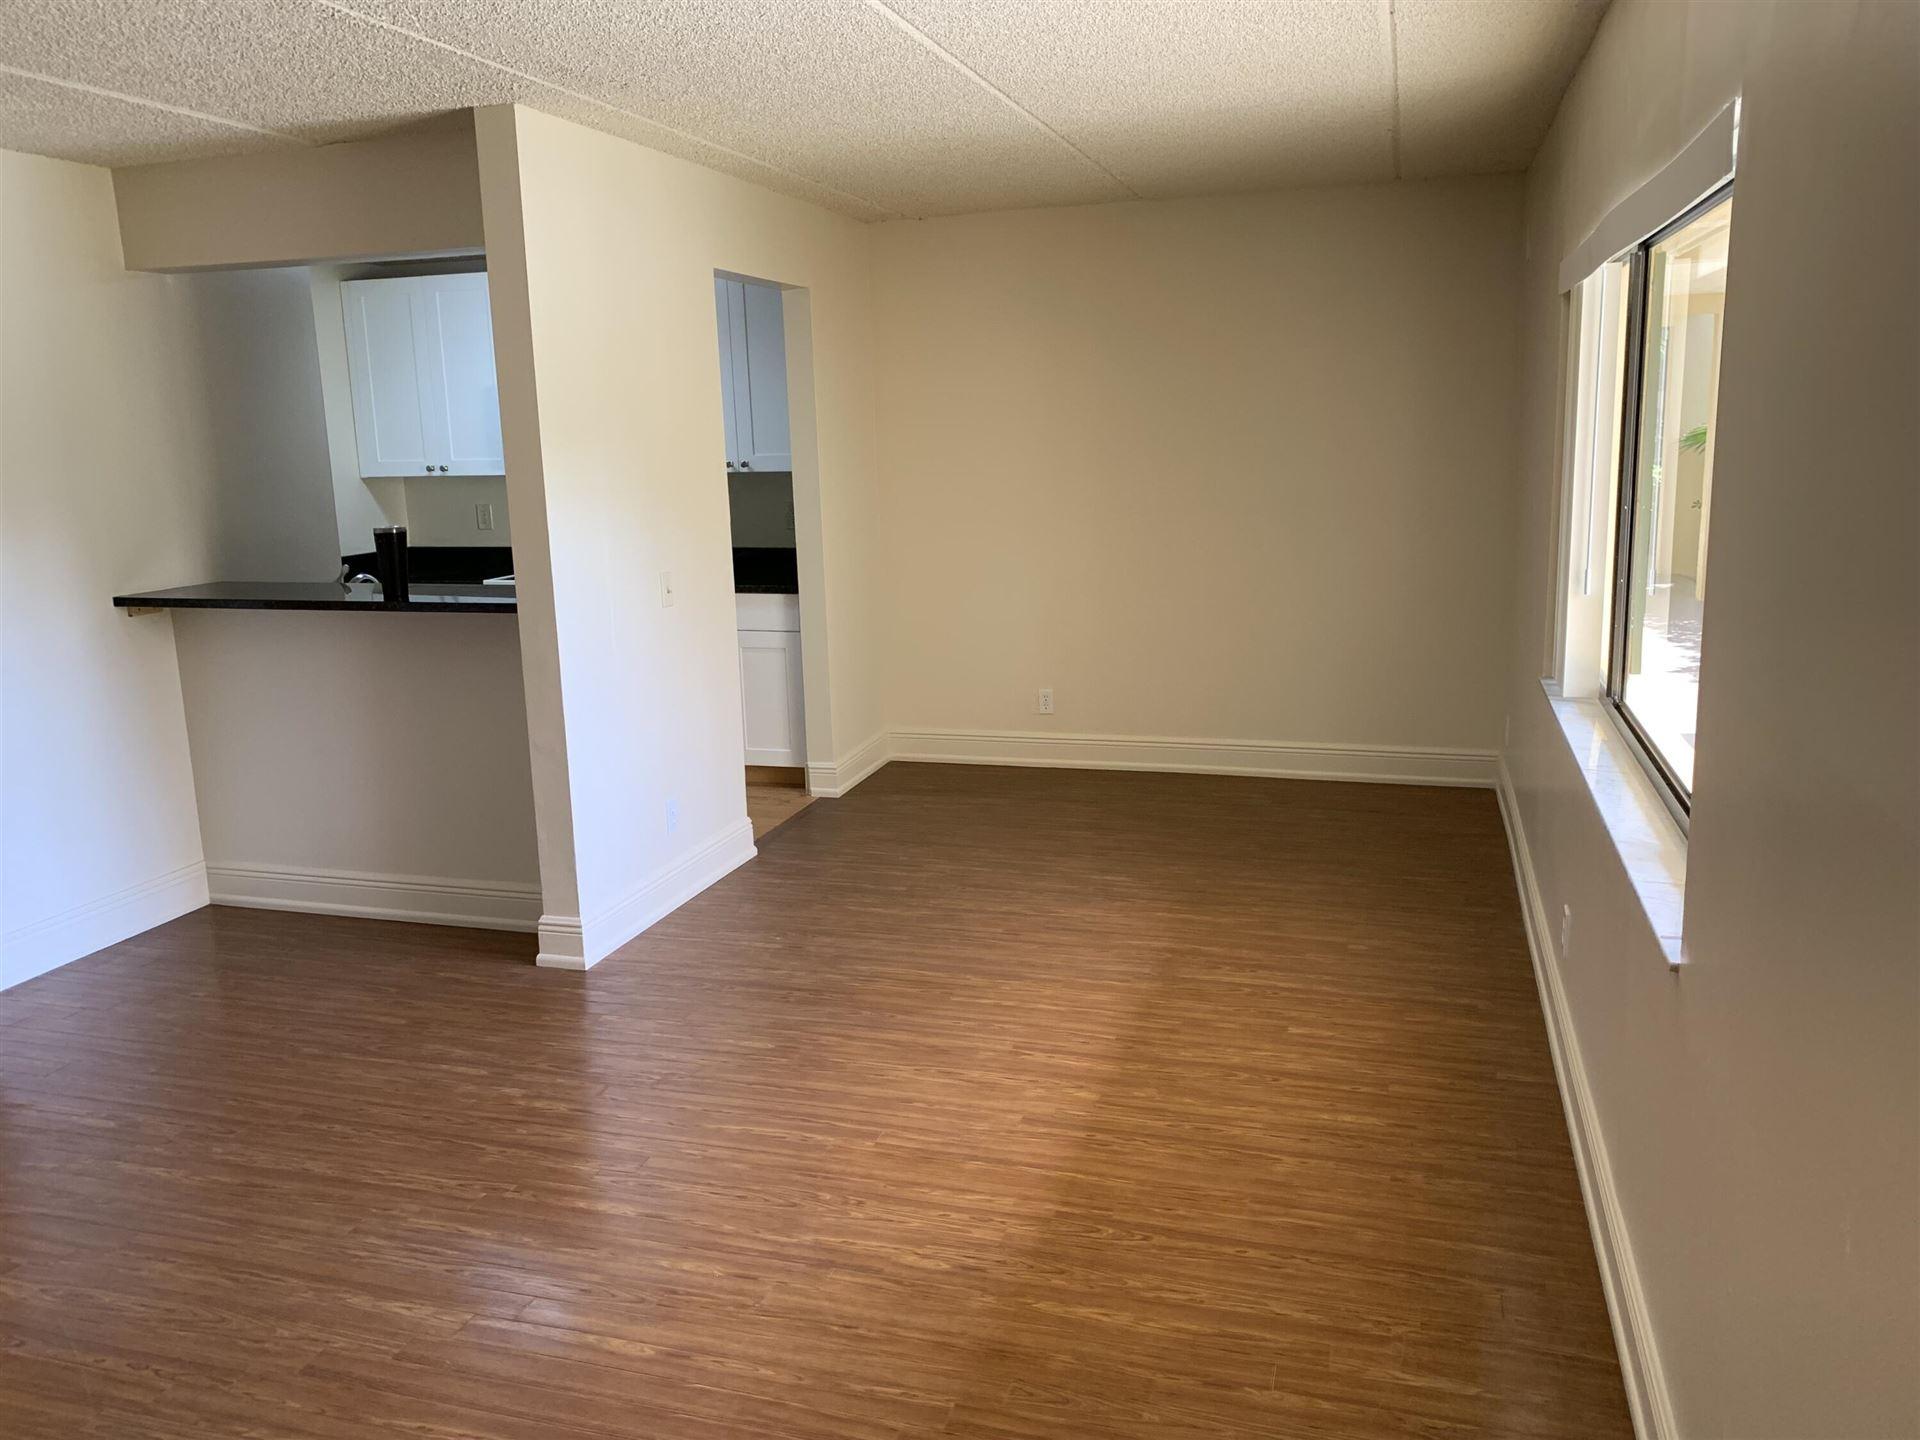 1006 Meadows Circle, Boynton Beach, FL 33436 - MLS#: RX-10746940